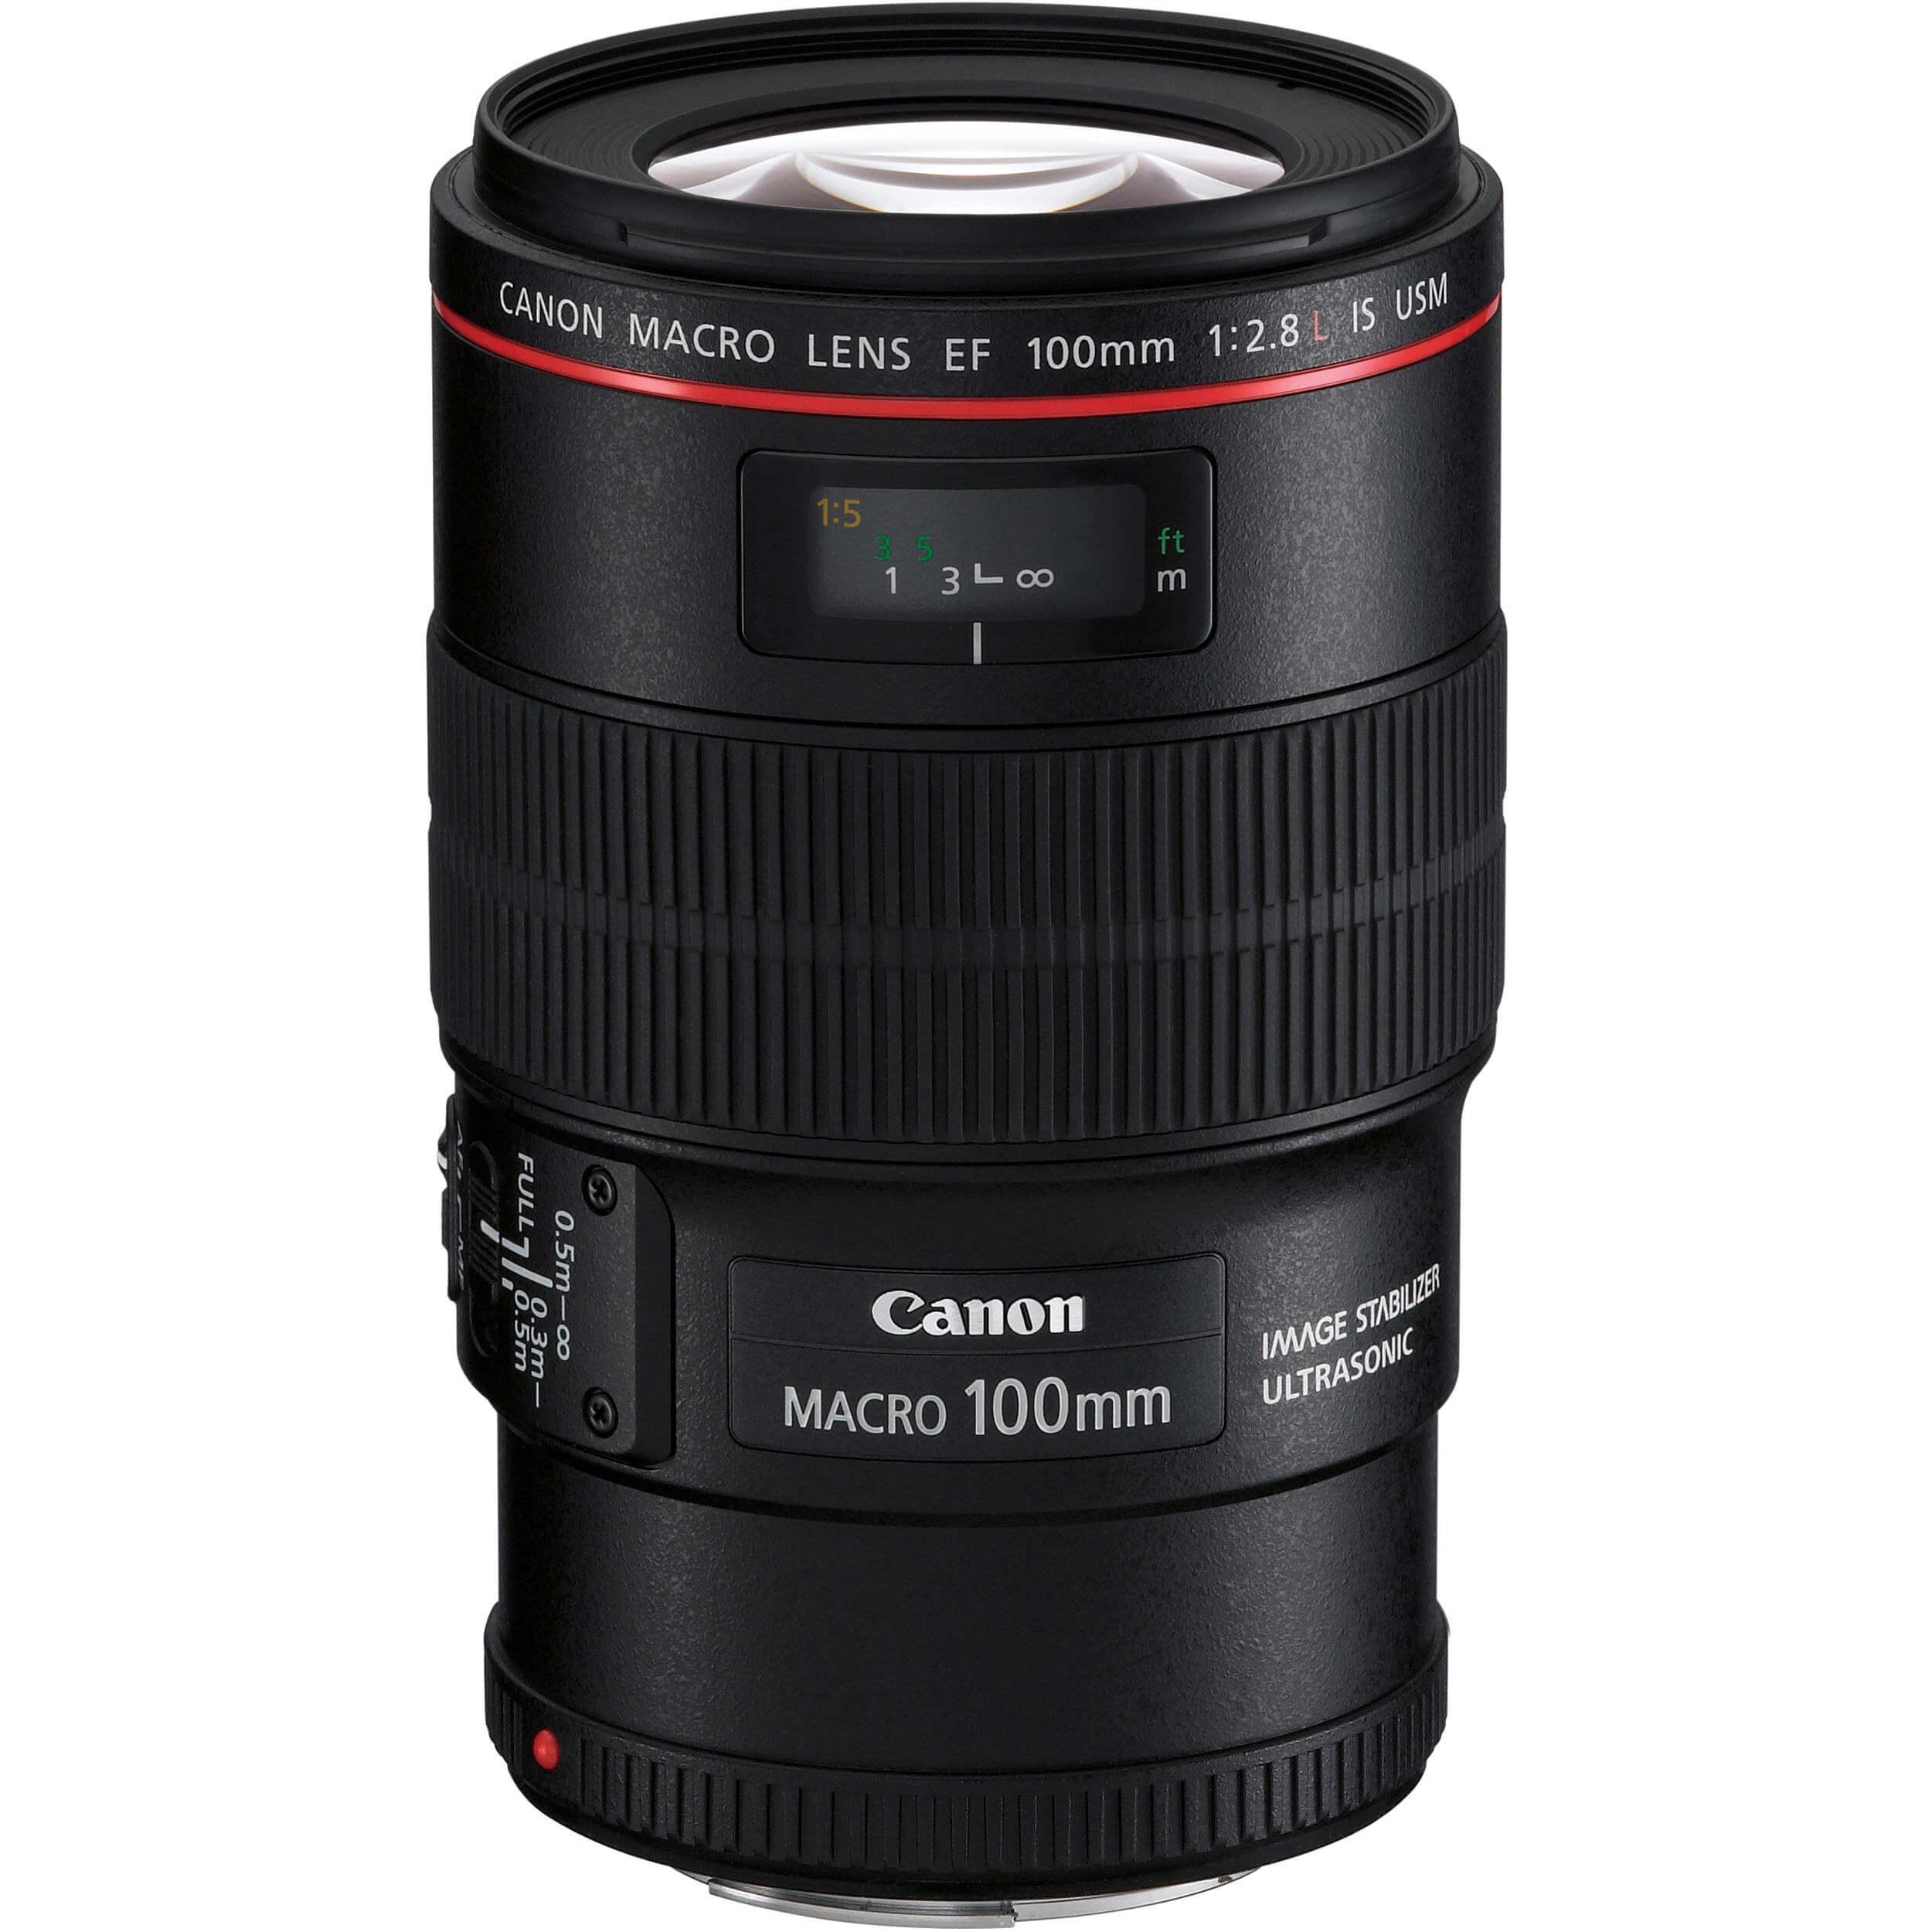 Louer une optique Canon 100 mm Macro Série L f/2.8